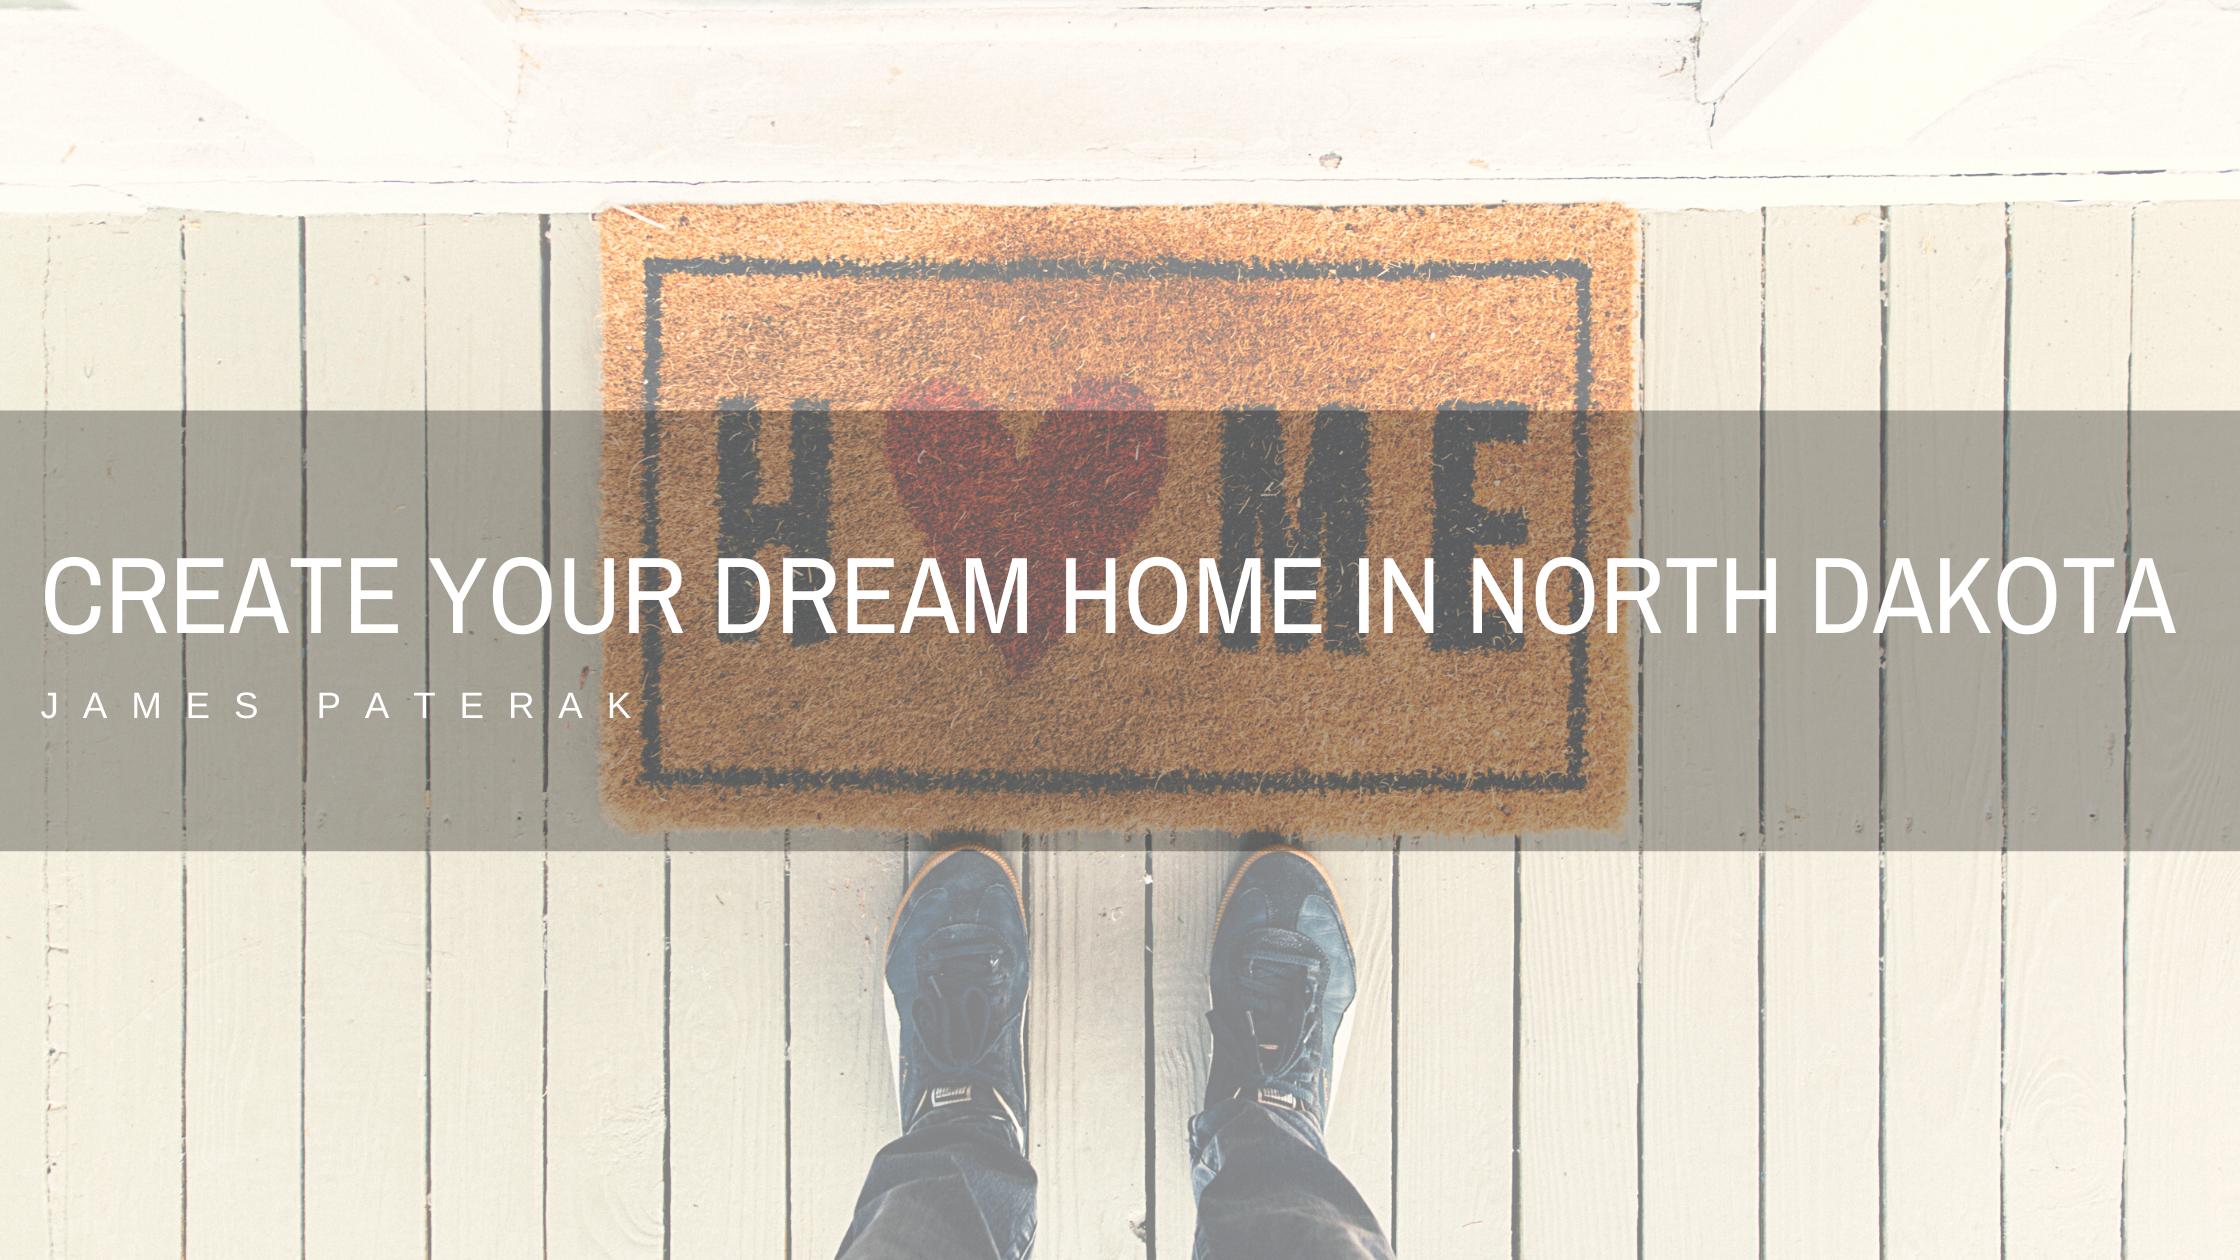 James Paterak Discusses How to Create Your Dream Home in North Dakota